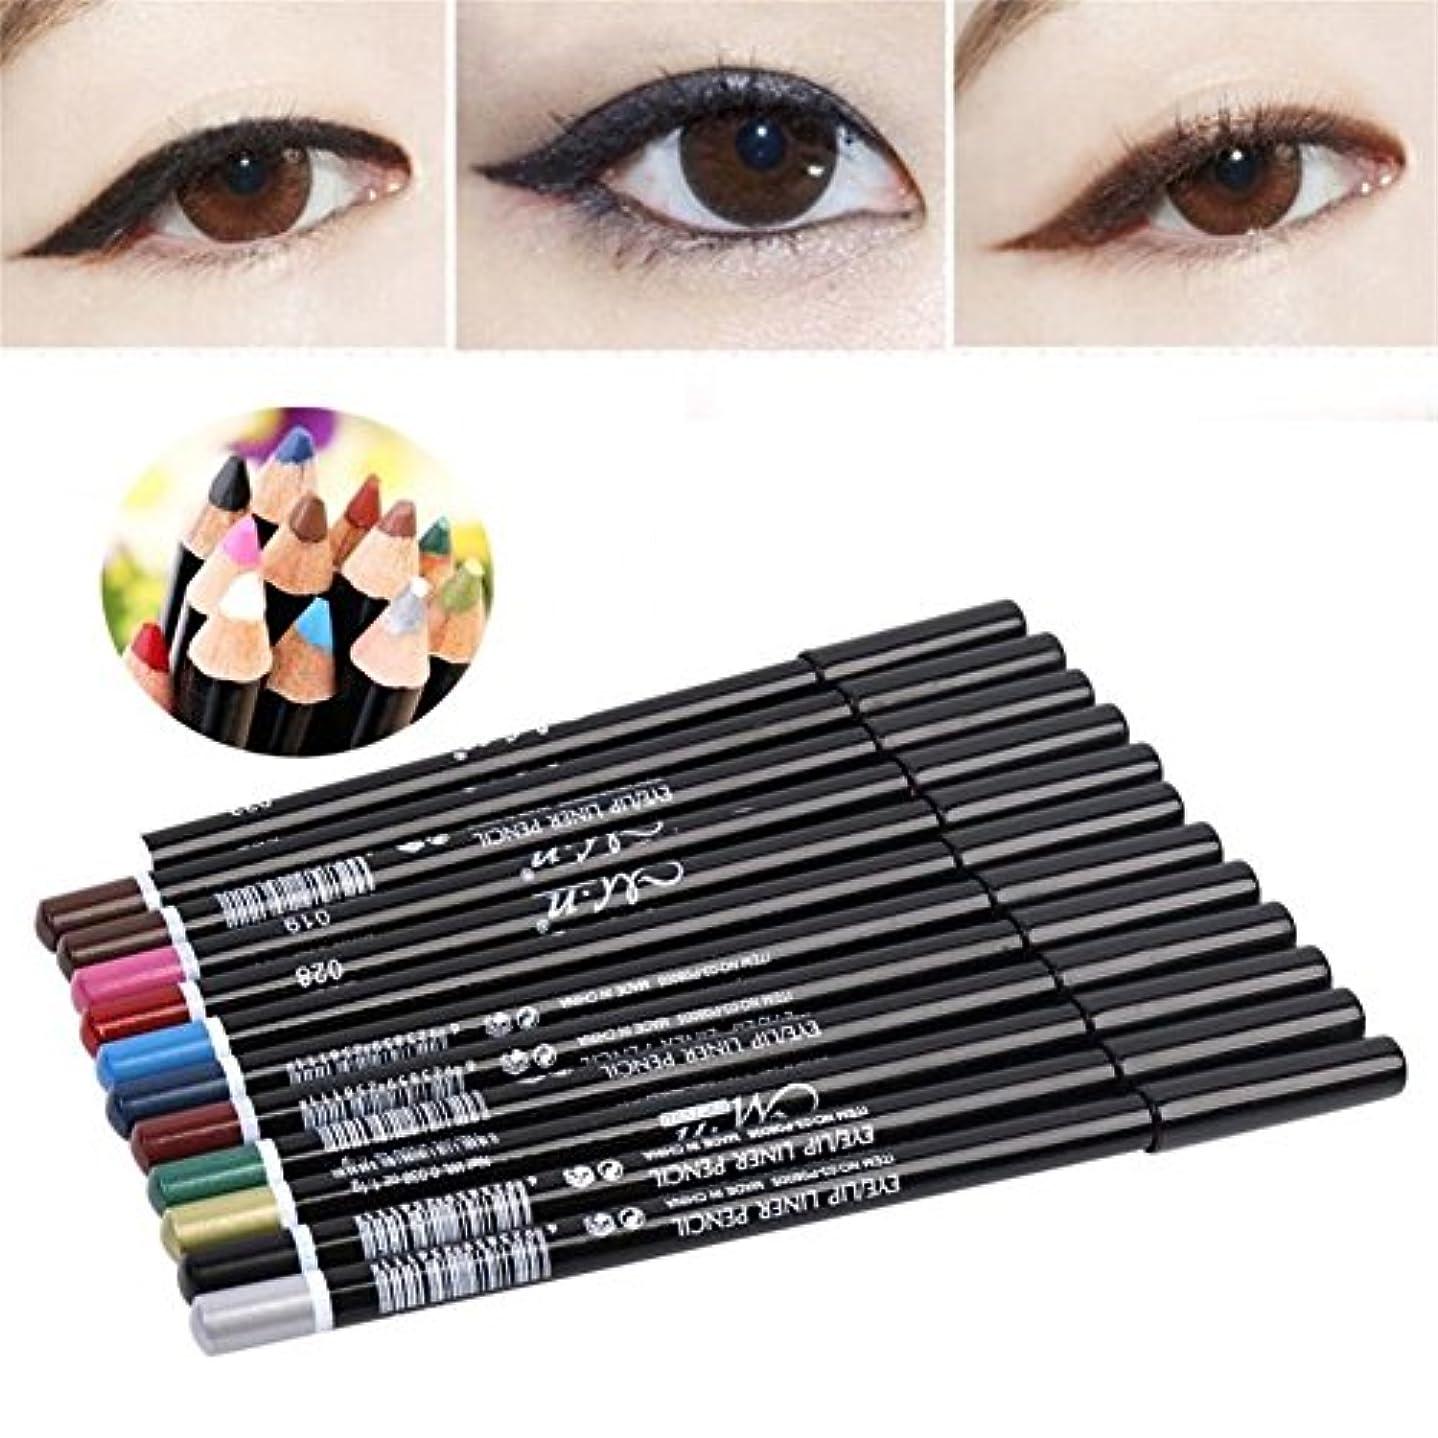 処理する対角線飾るMeily アイライナーペン アイブロウペンシル アイシャドウペン 化粧美容用 12カラー 12本セット